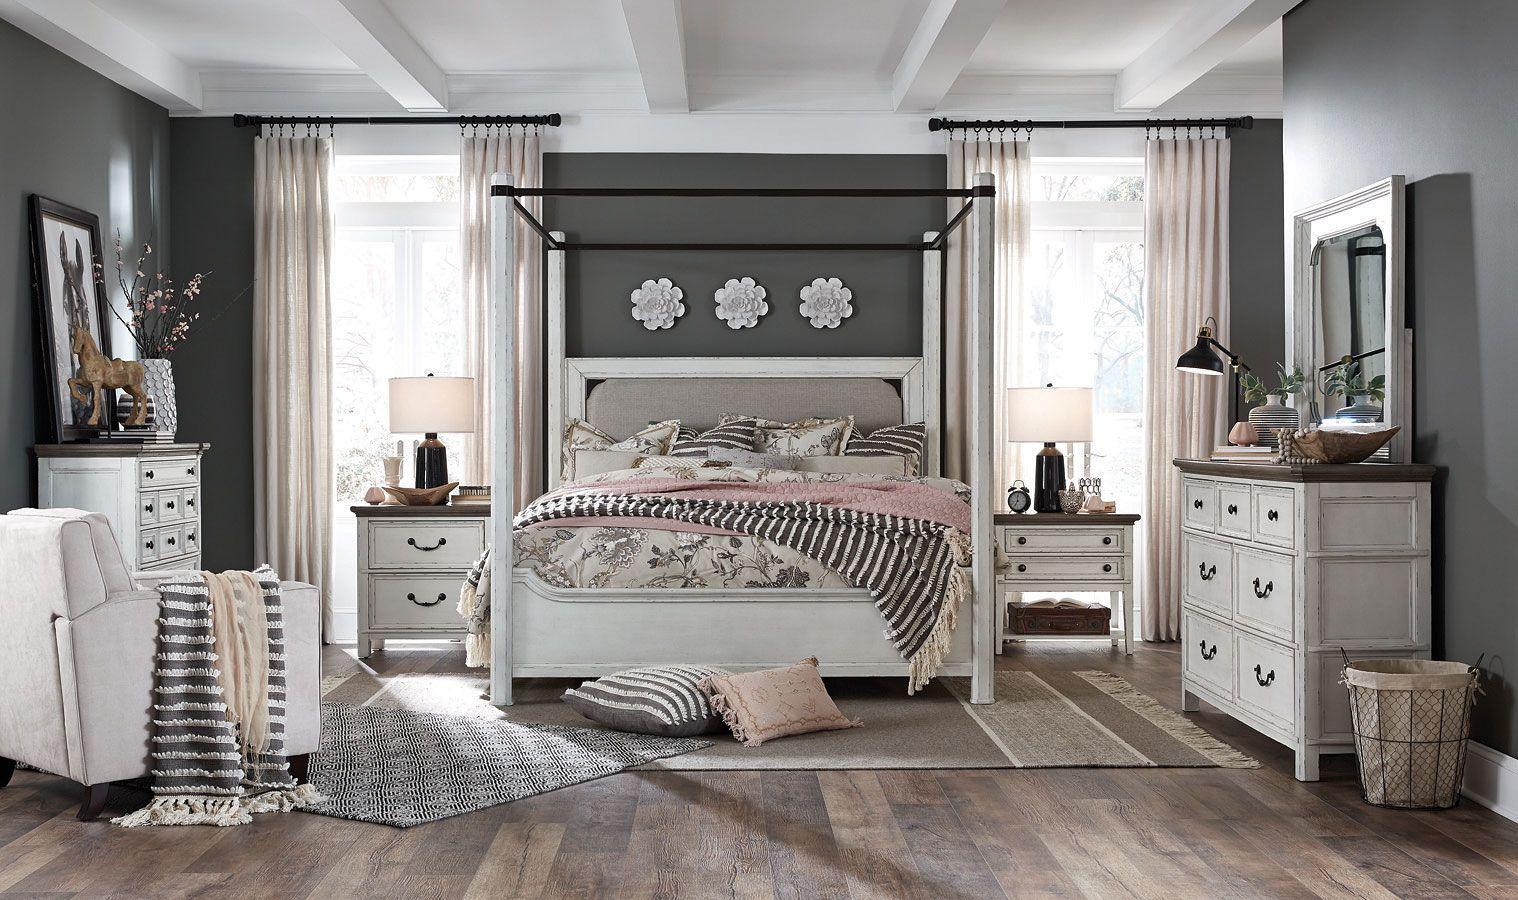 Bellevue Manor Canopy Bedroom Set Canopy bedroom sets